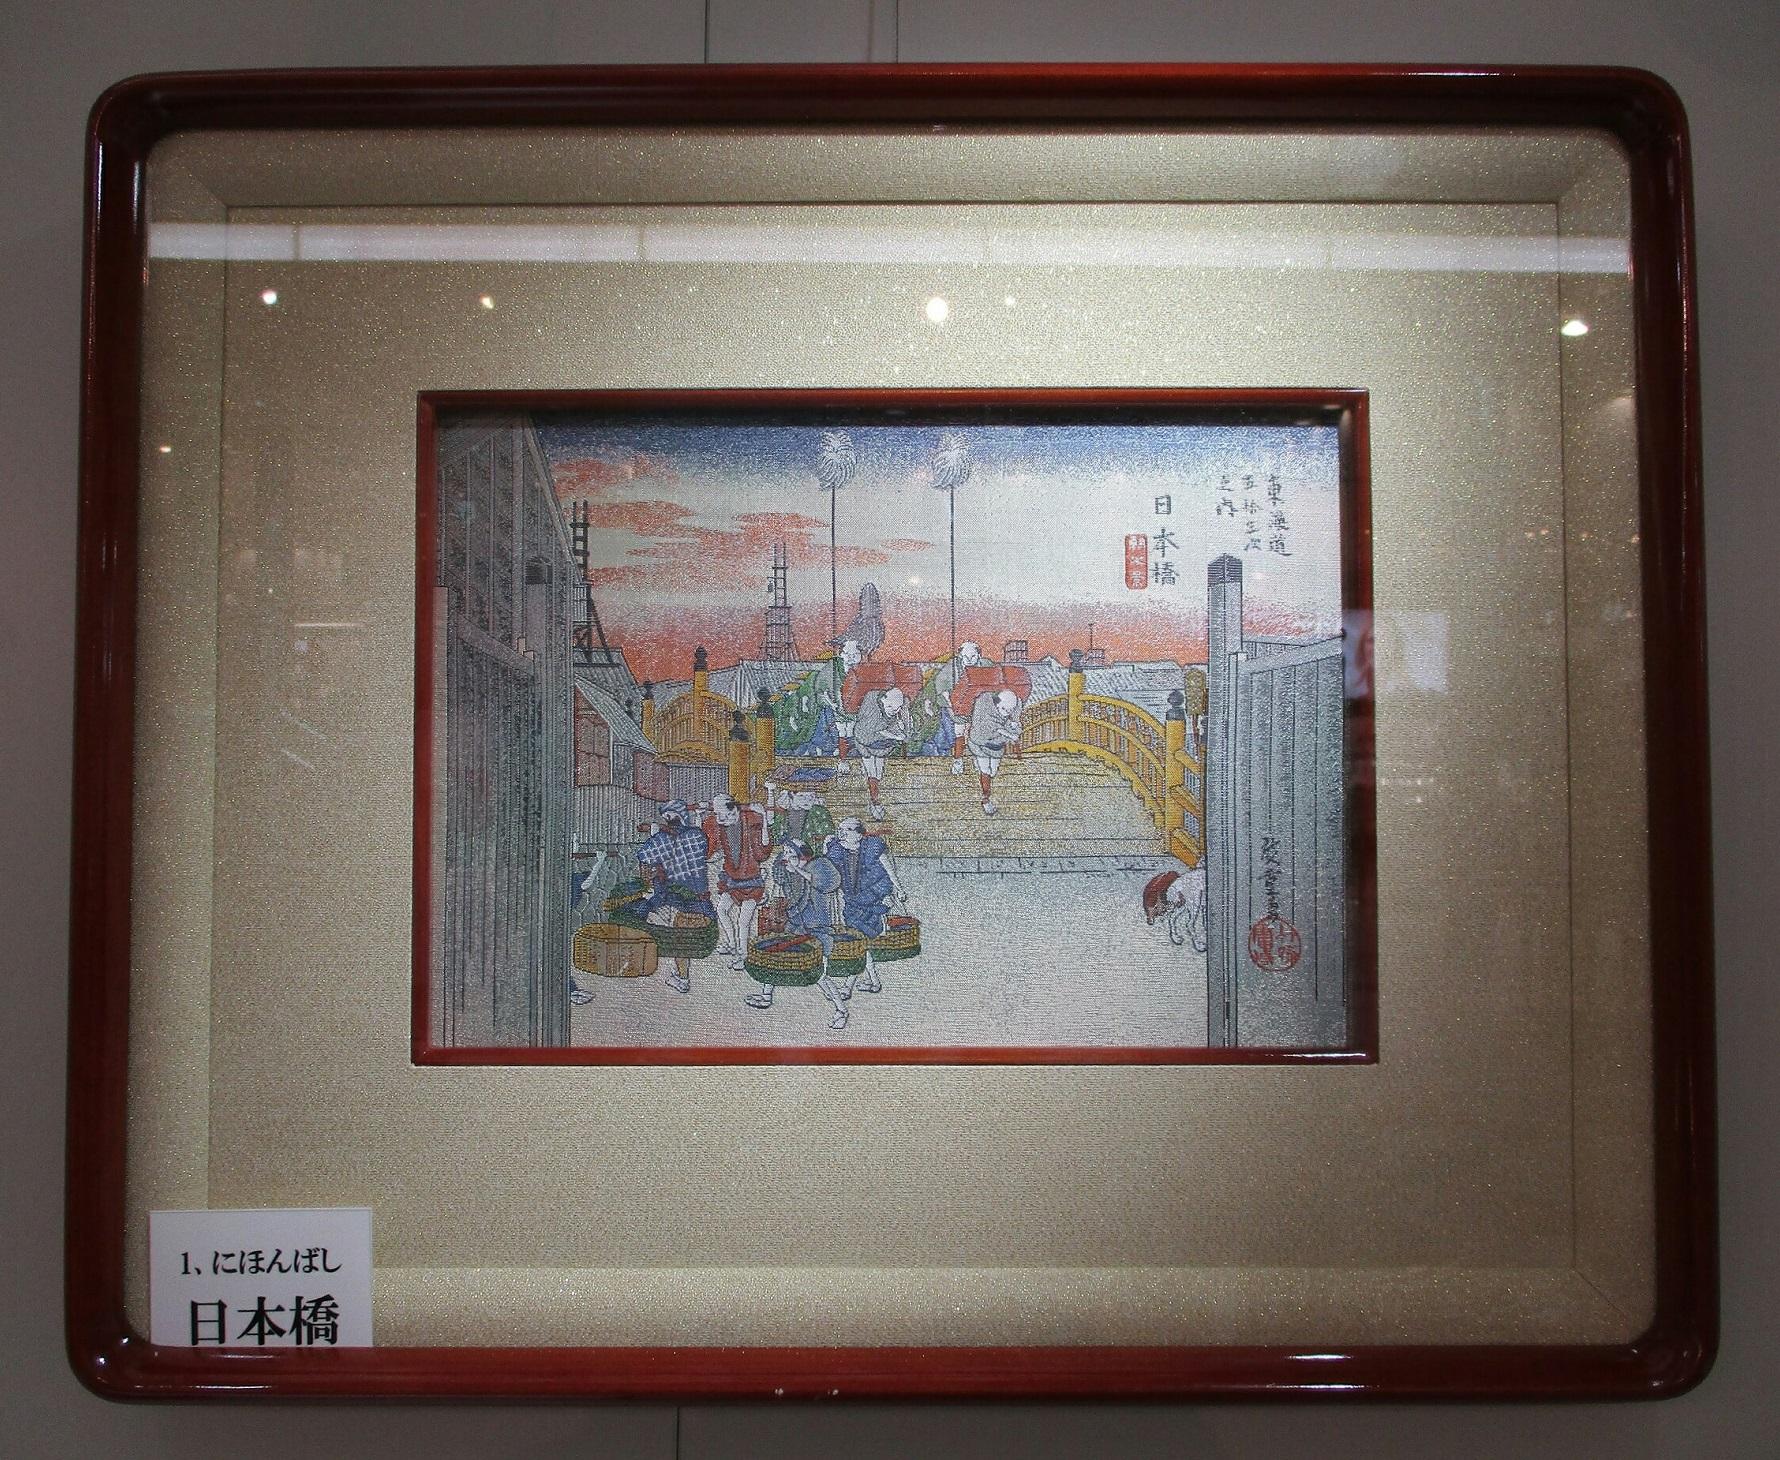 2018.6.27 (22) 西陣博覧会 - 日本橋 1780-1460